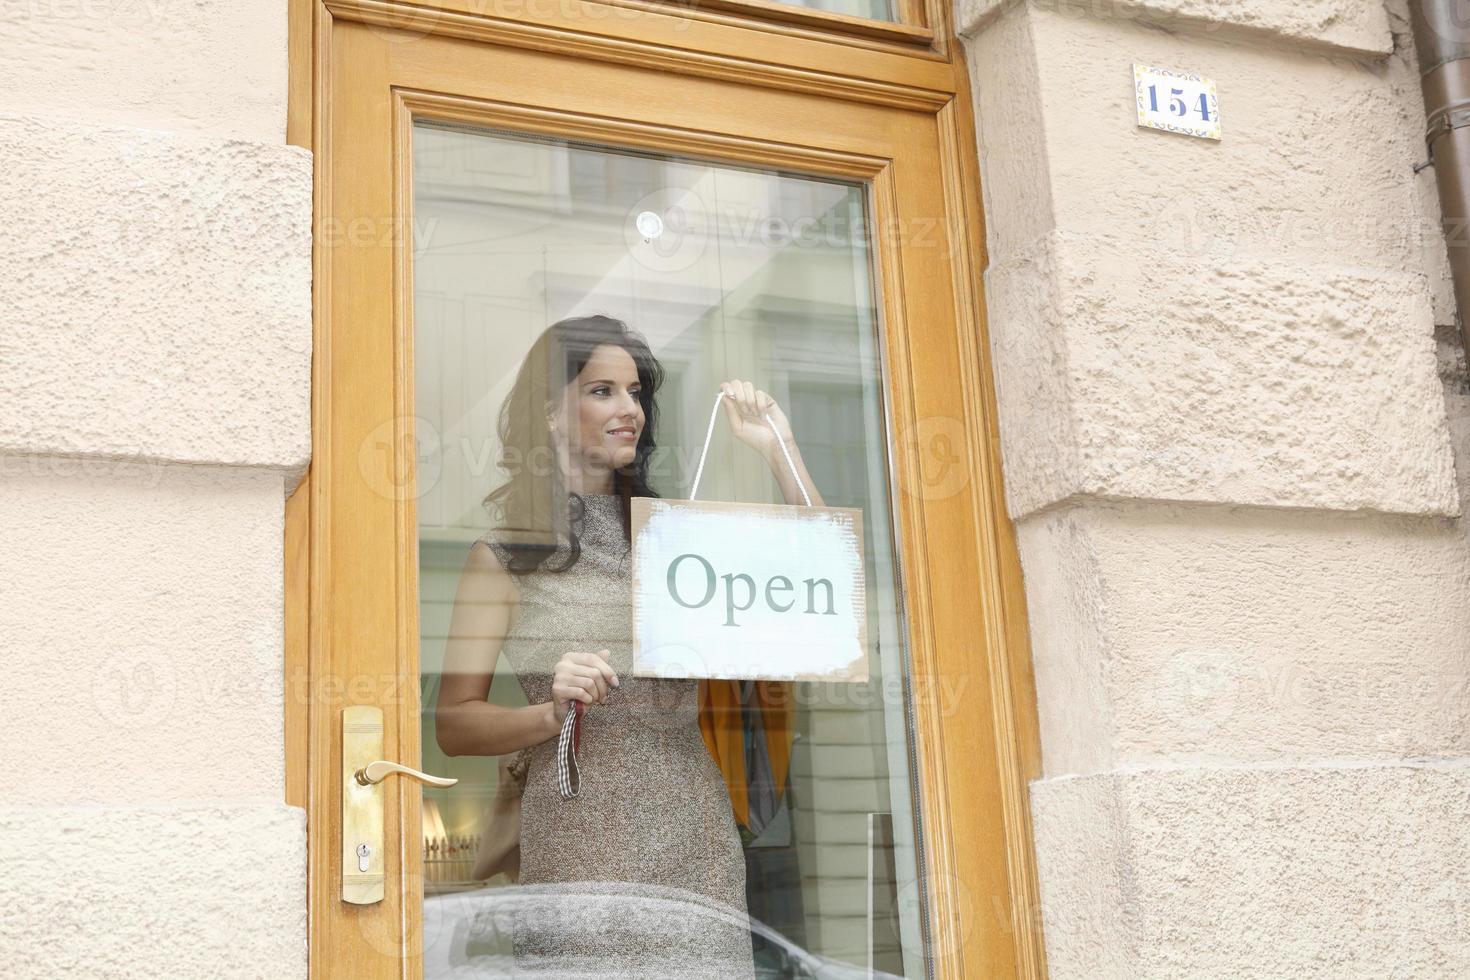 kvinna med öppet tecken foto